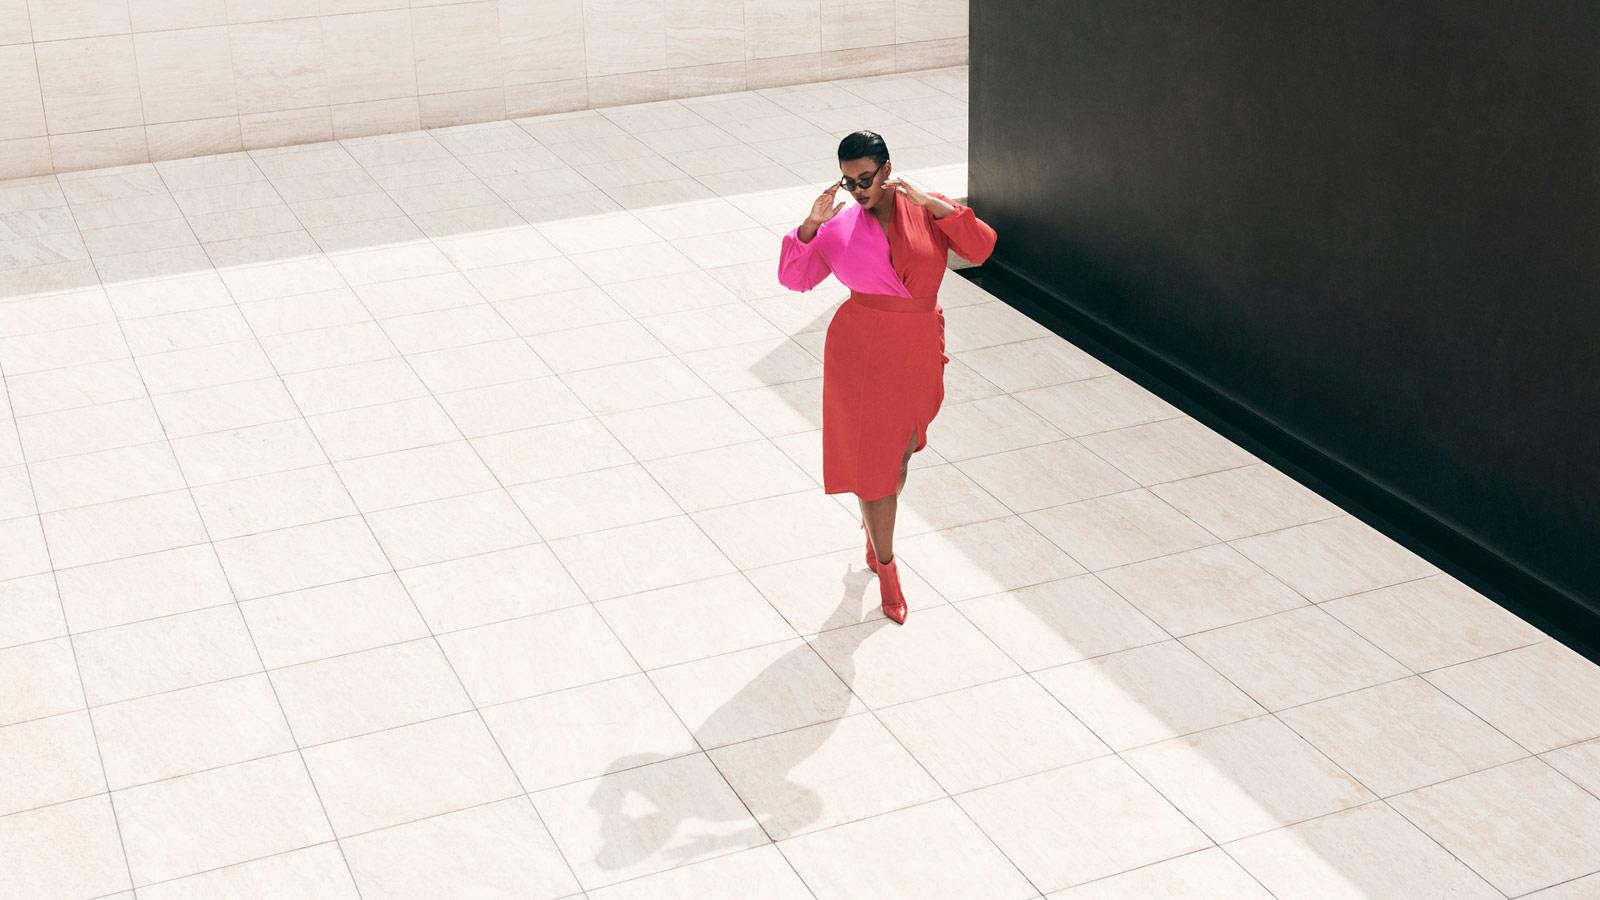 Рекламная кампания 11 Honore весна/лето 2018, © Унгано + Агриодимас, Лос-Анджелес, США, Финалист категории «Реклама», «Взгляд» — фотоконкурс на тему «Мода» | PDN The Look